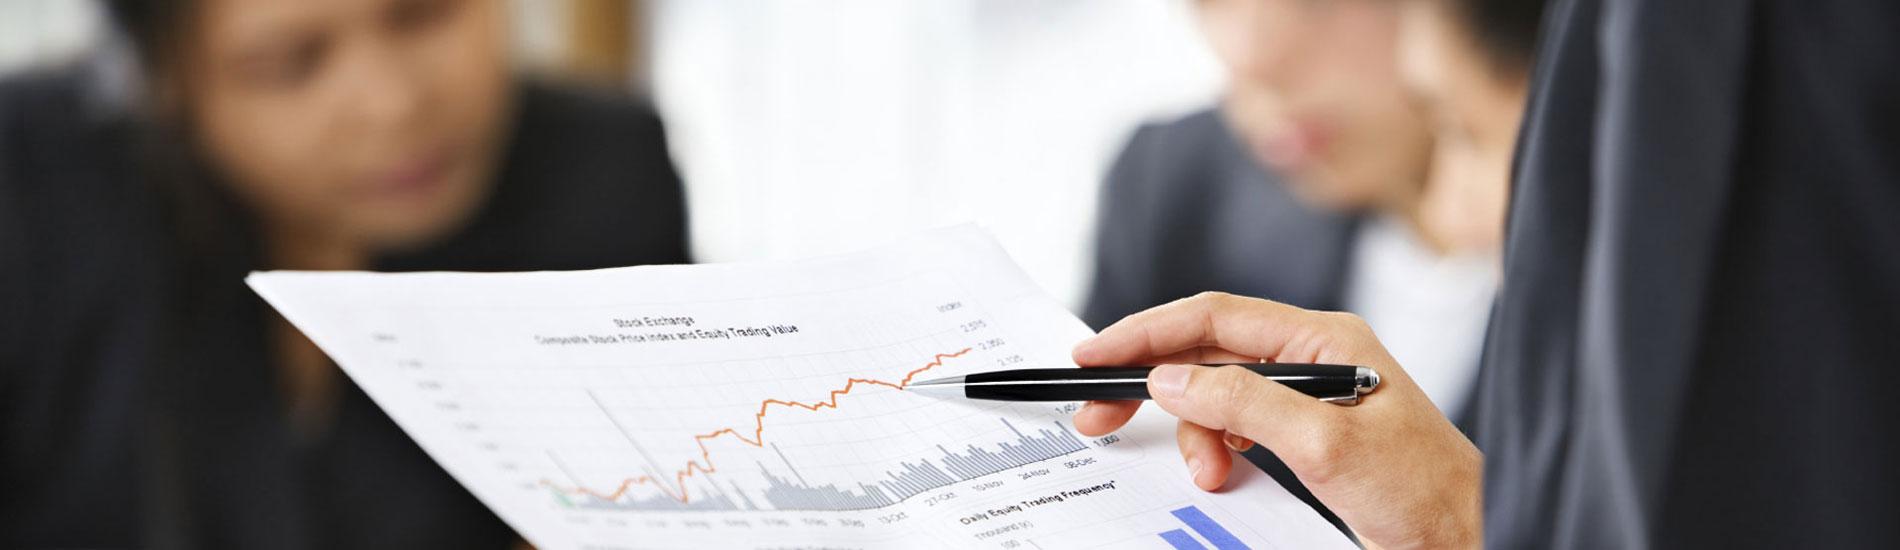 Cerchi una ConsulenzaProject Management, Internazionalizzazione, Consulenza Fiscale,Consulenza Finanziaria, Consulenza Aziendale o su come aprire la partita iva o creare la Tua Start up?